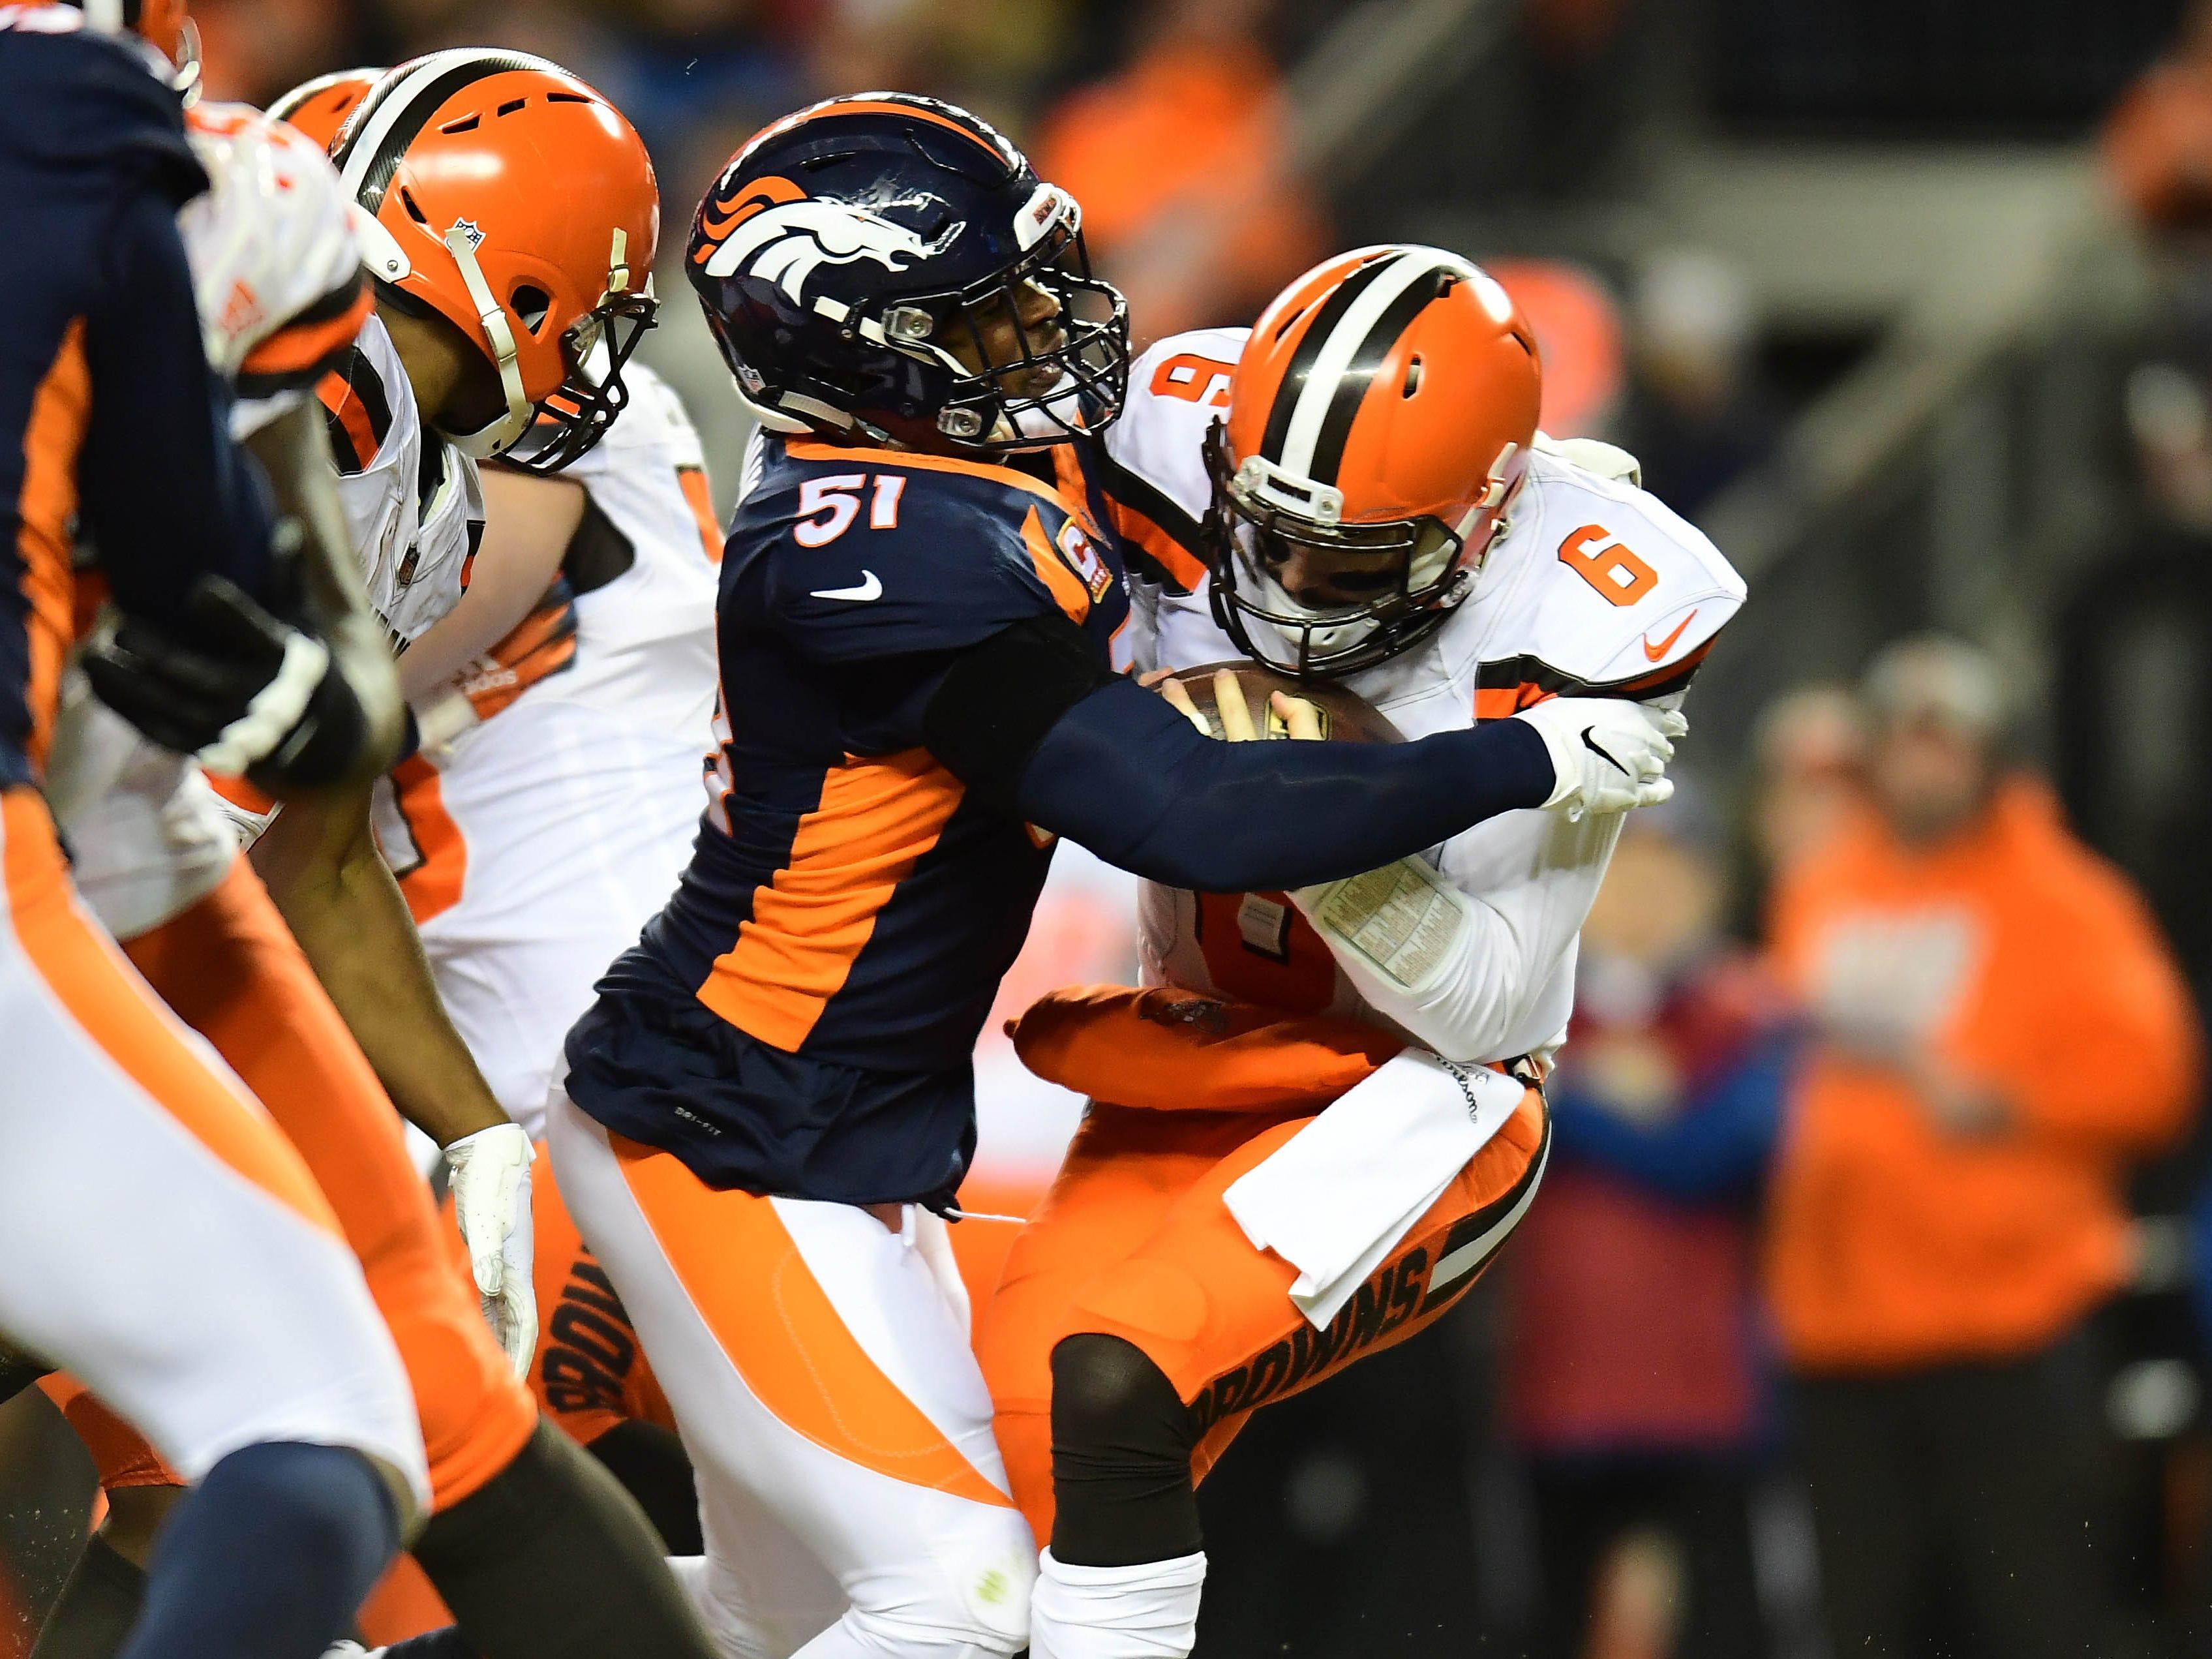 Denver Broncos inside linebacker Todd Davis (51) sacks Cleveland Browns quarterback Baker Mayfield (6) in the second quarter at Broncos Stadium at Mile High.